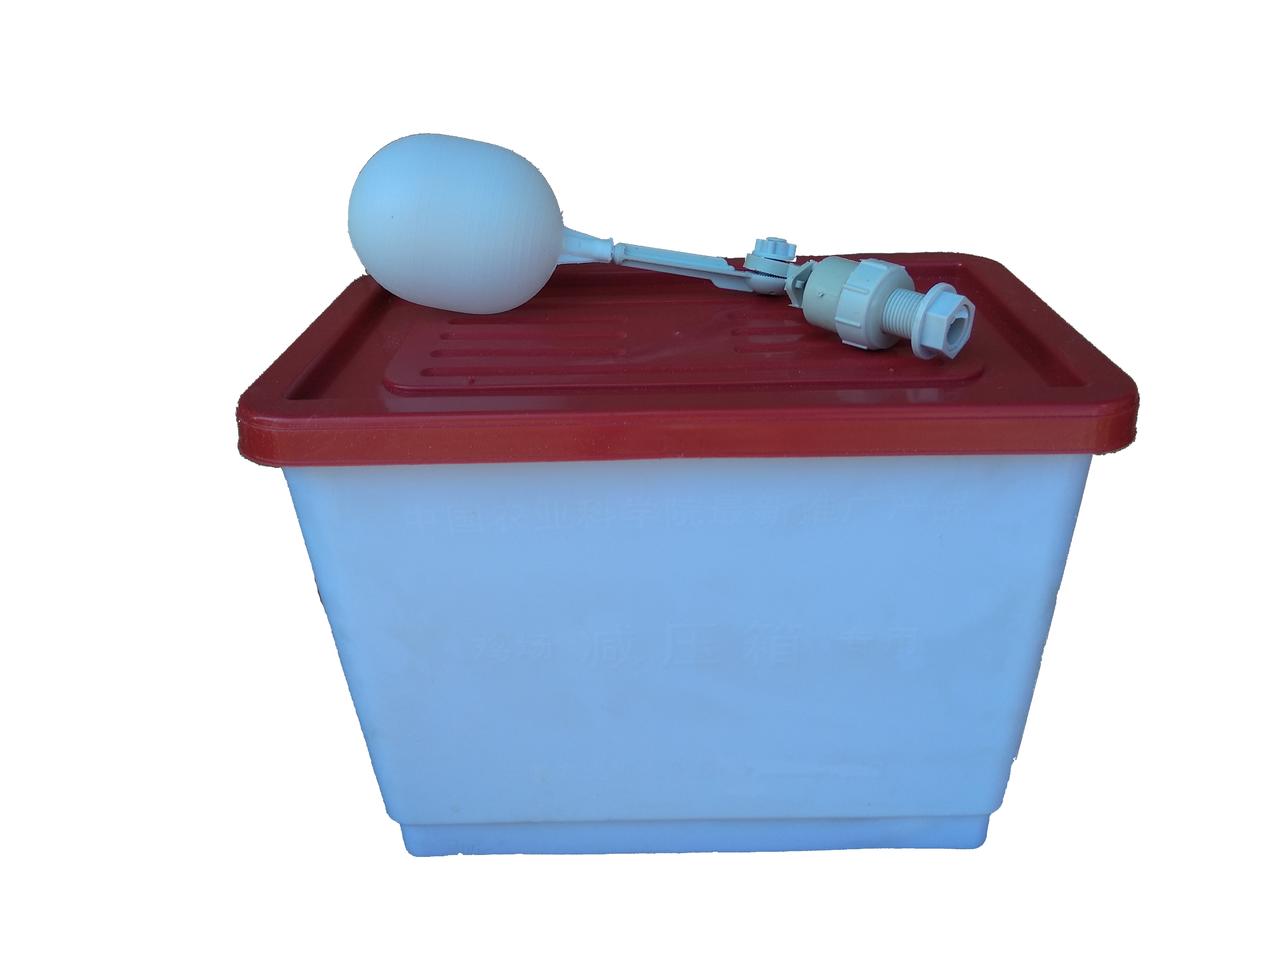 Бак для поения кур бройлеров перепелов кроликов для ниппельных поилок. Емкость для ниппельного поения